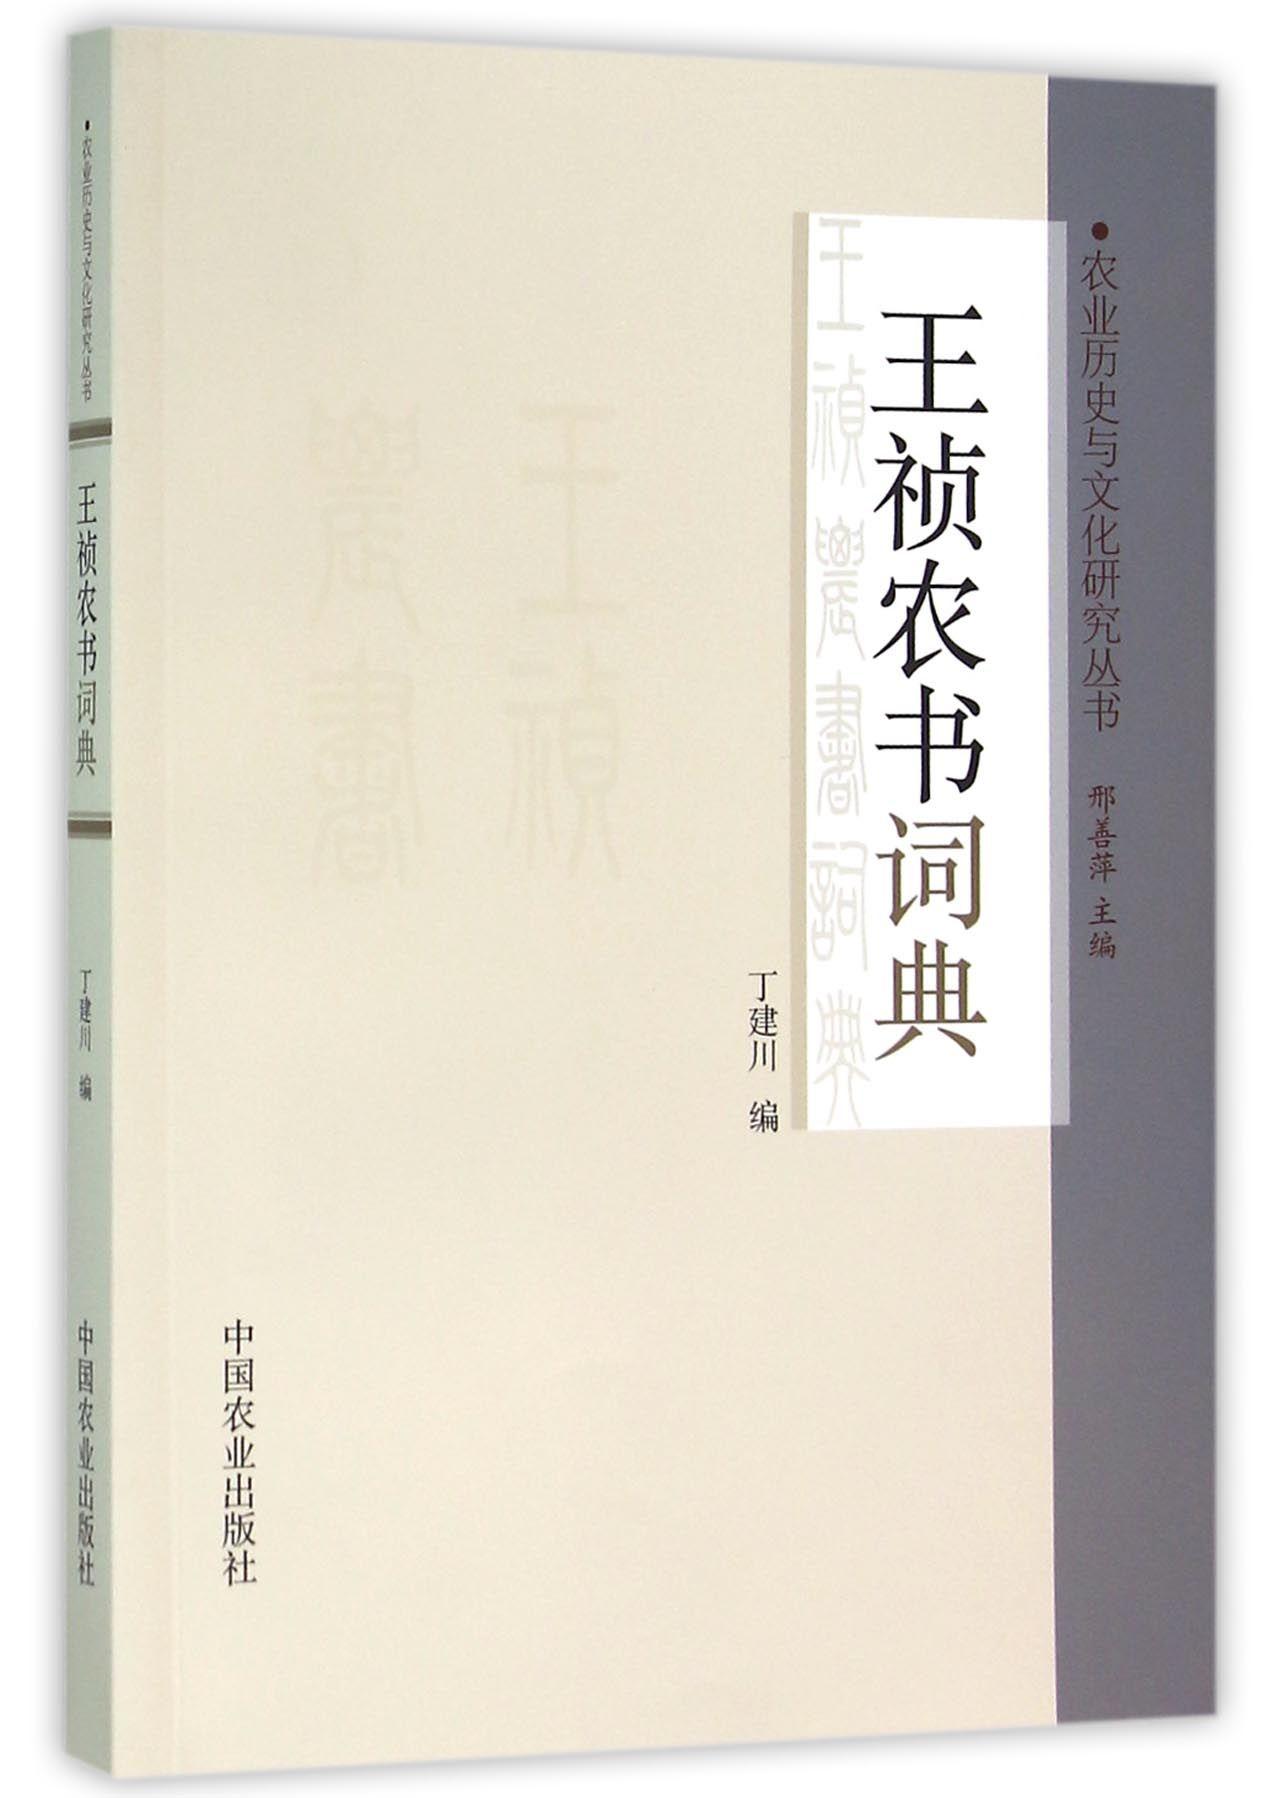 王禎農書詞典